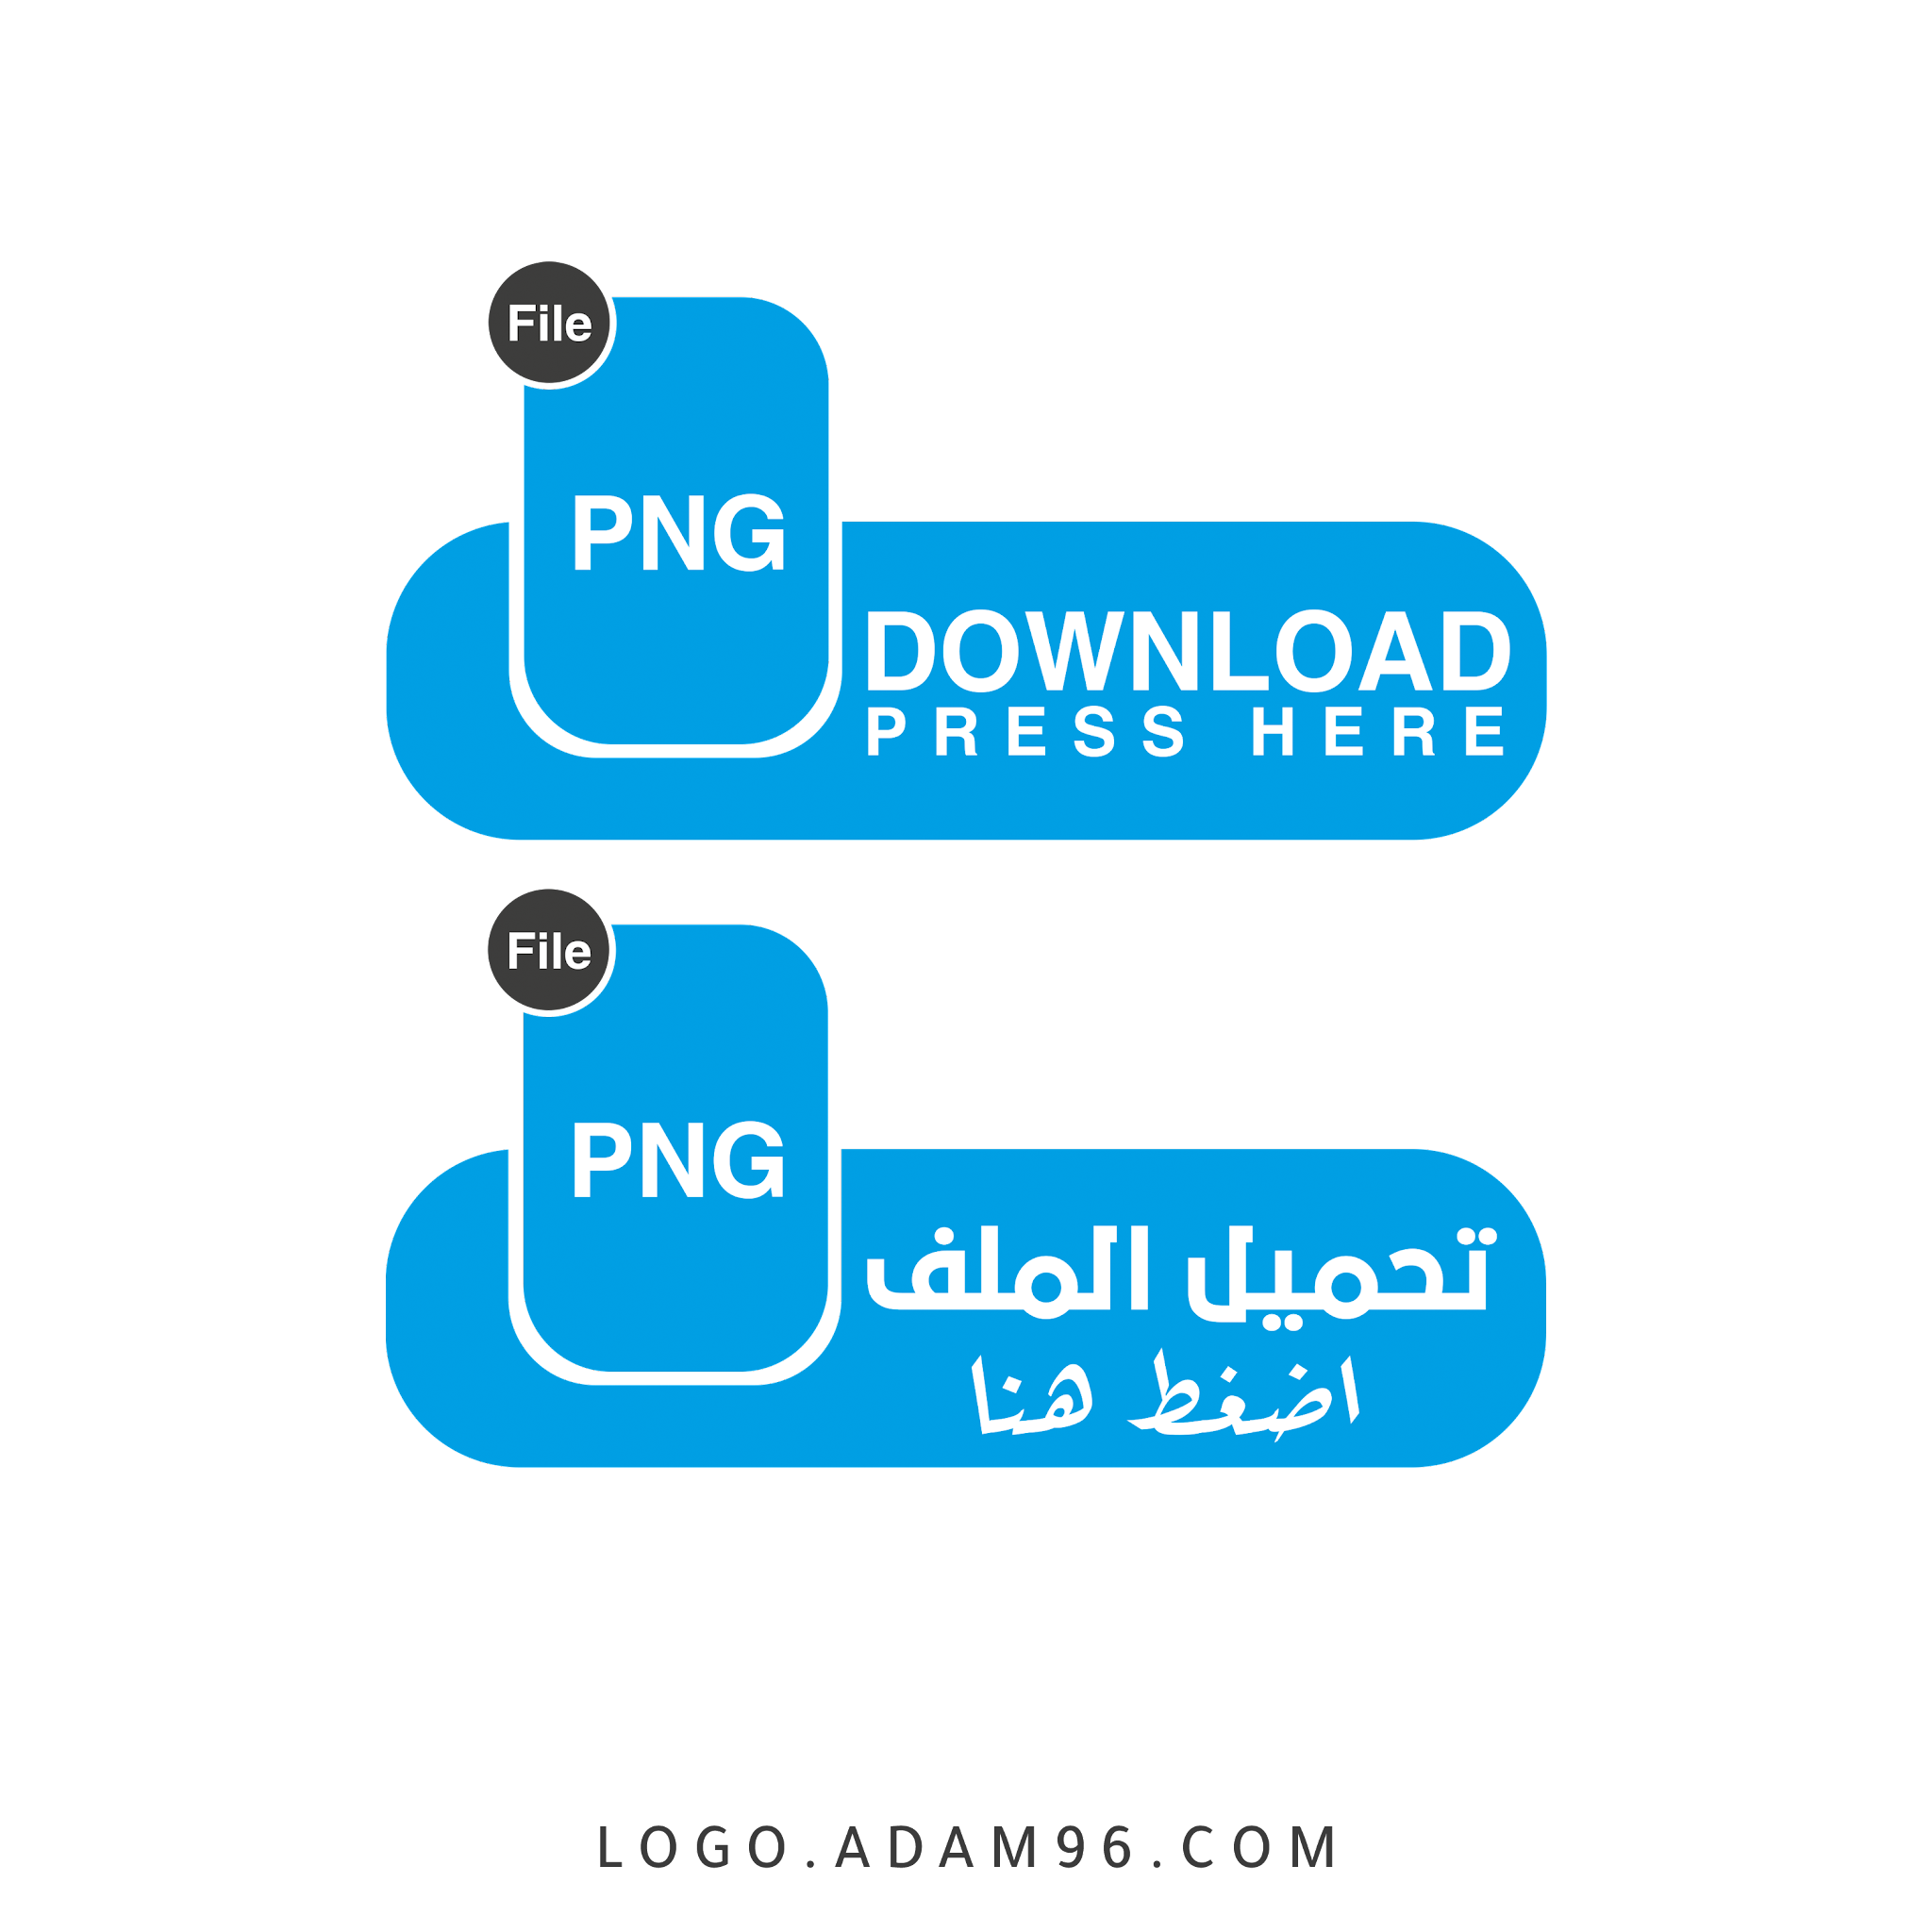 تحميل ايقونة تحميل ملف بجميع الصيغ التي تريدها والالوان Download Icon